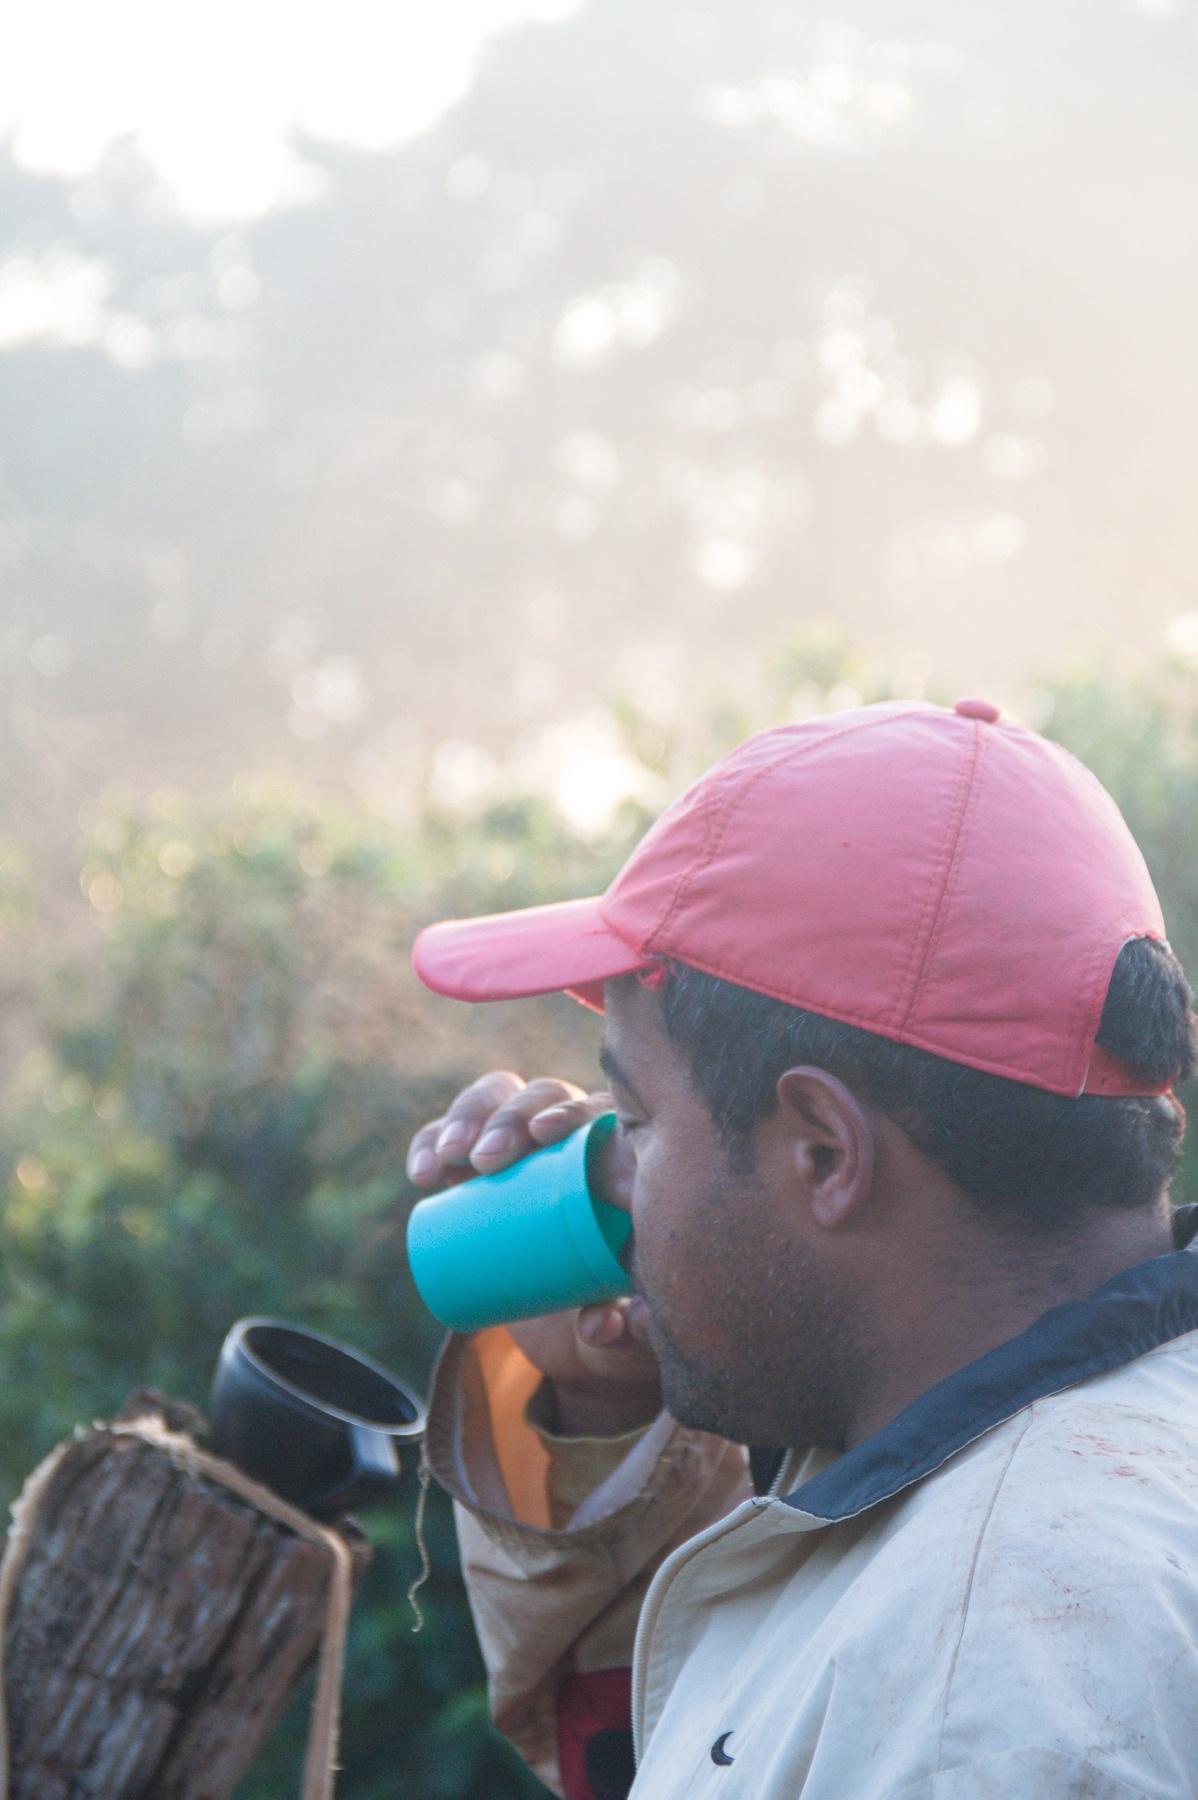 campos-gerais-reporter-brasil- (2)